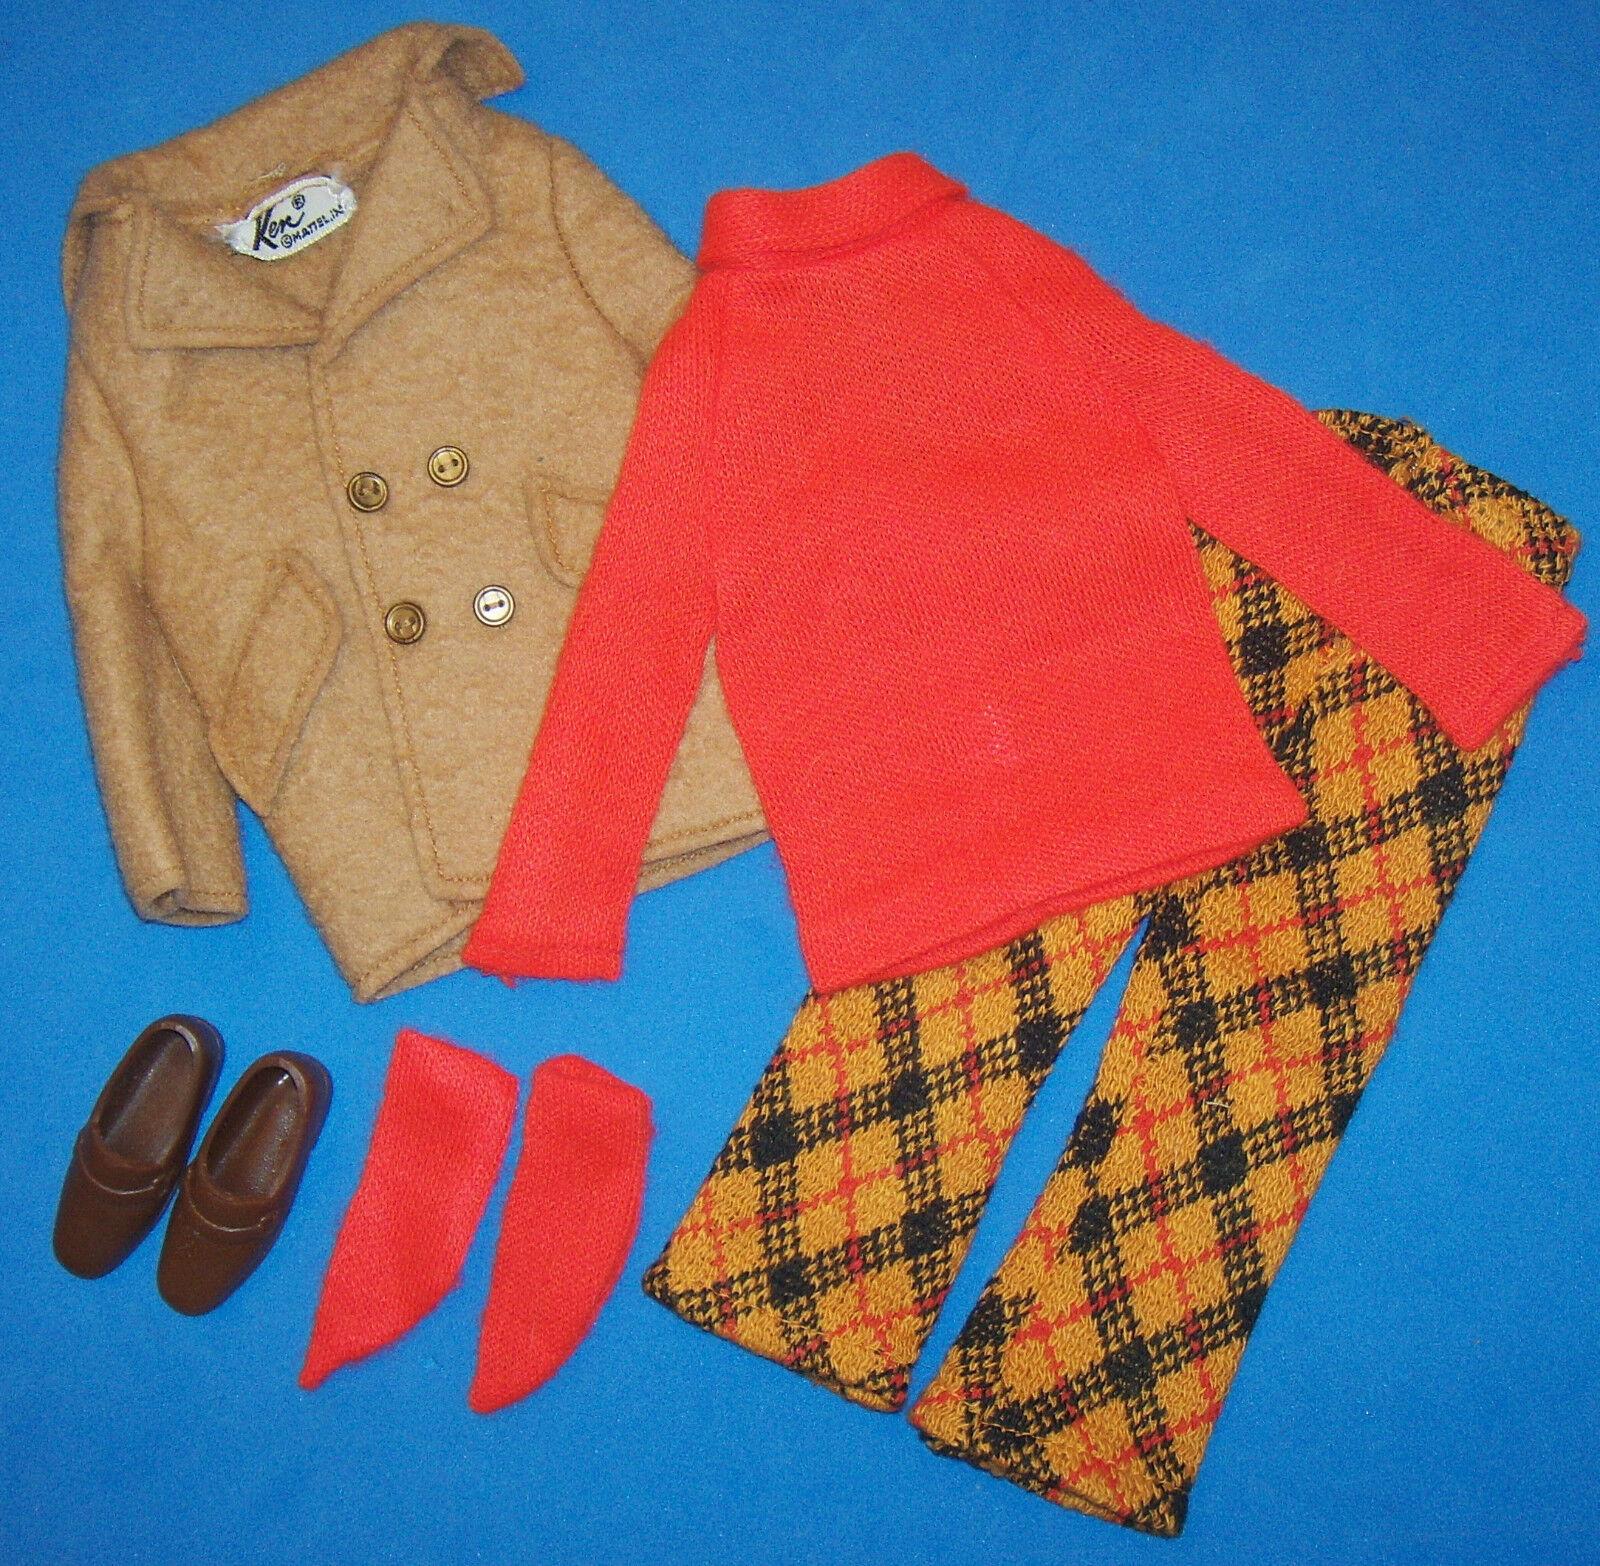 Vintage Ken Bambola Play It Cool Vestito Completo  1433  Mod Era 1970 Fondo  per poco costoso